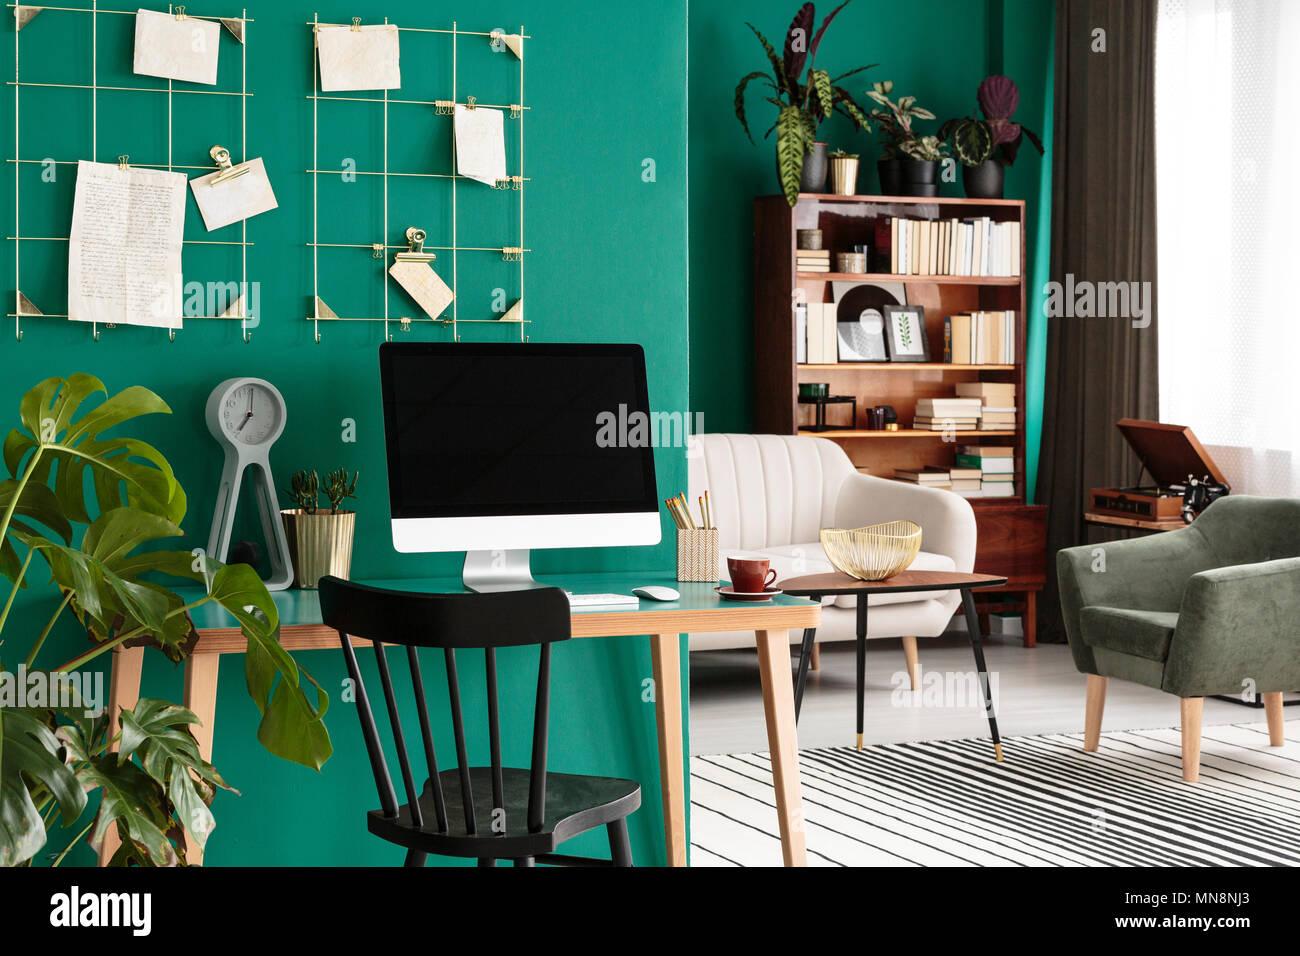 Planta junto a un equipo de escritorio con silla de madera en el interior de área verde en el salón Imagen De Stock